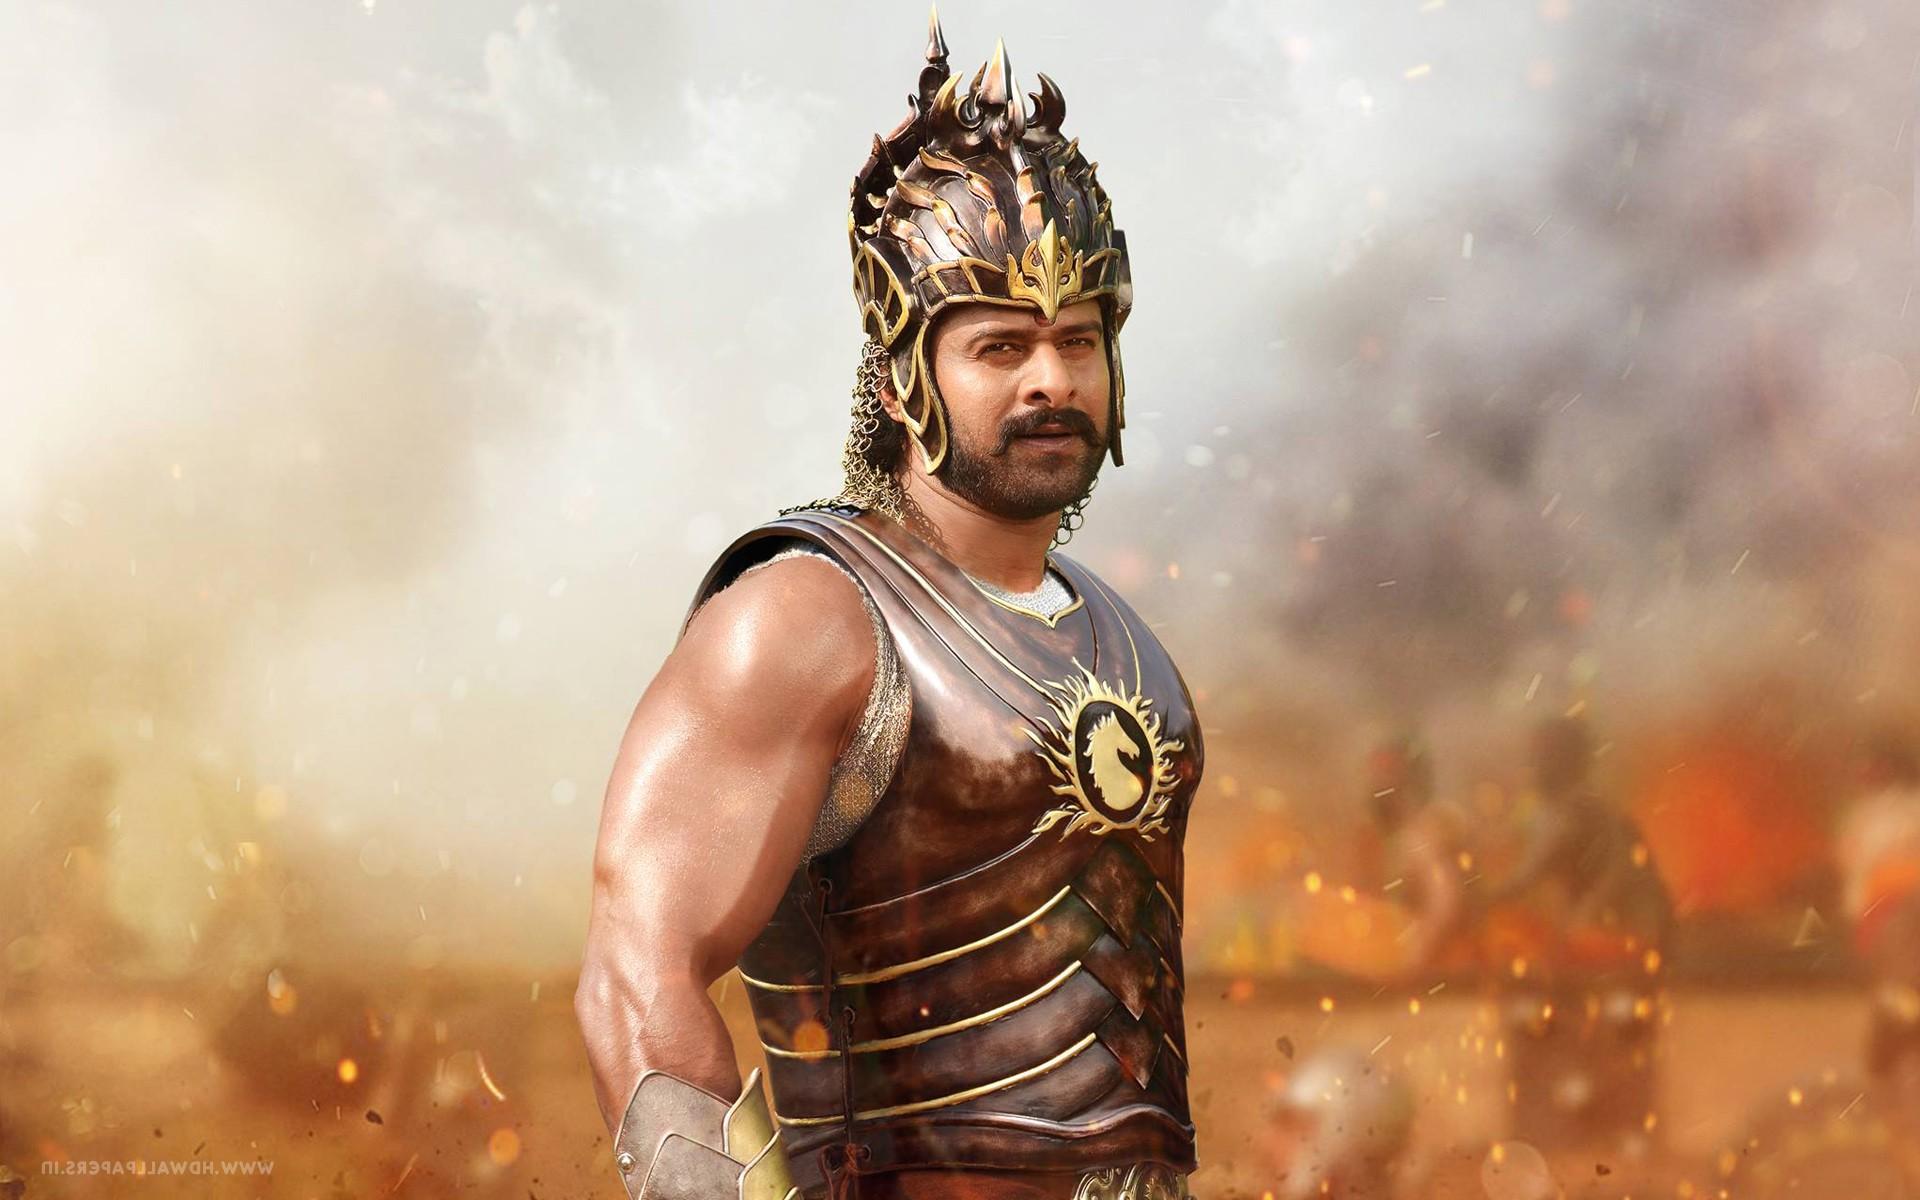 Prabhas In Baahubali, HD Movies, 4k Wallpapers, Images